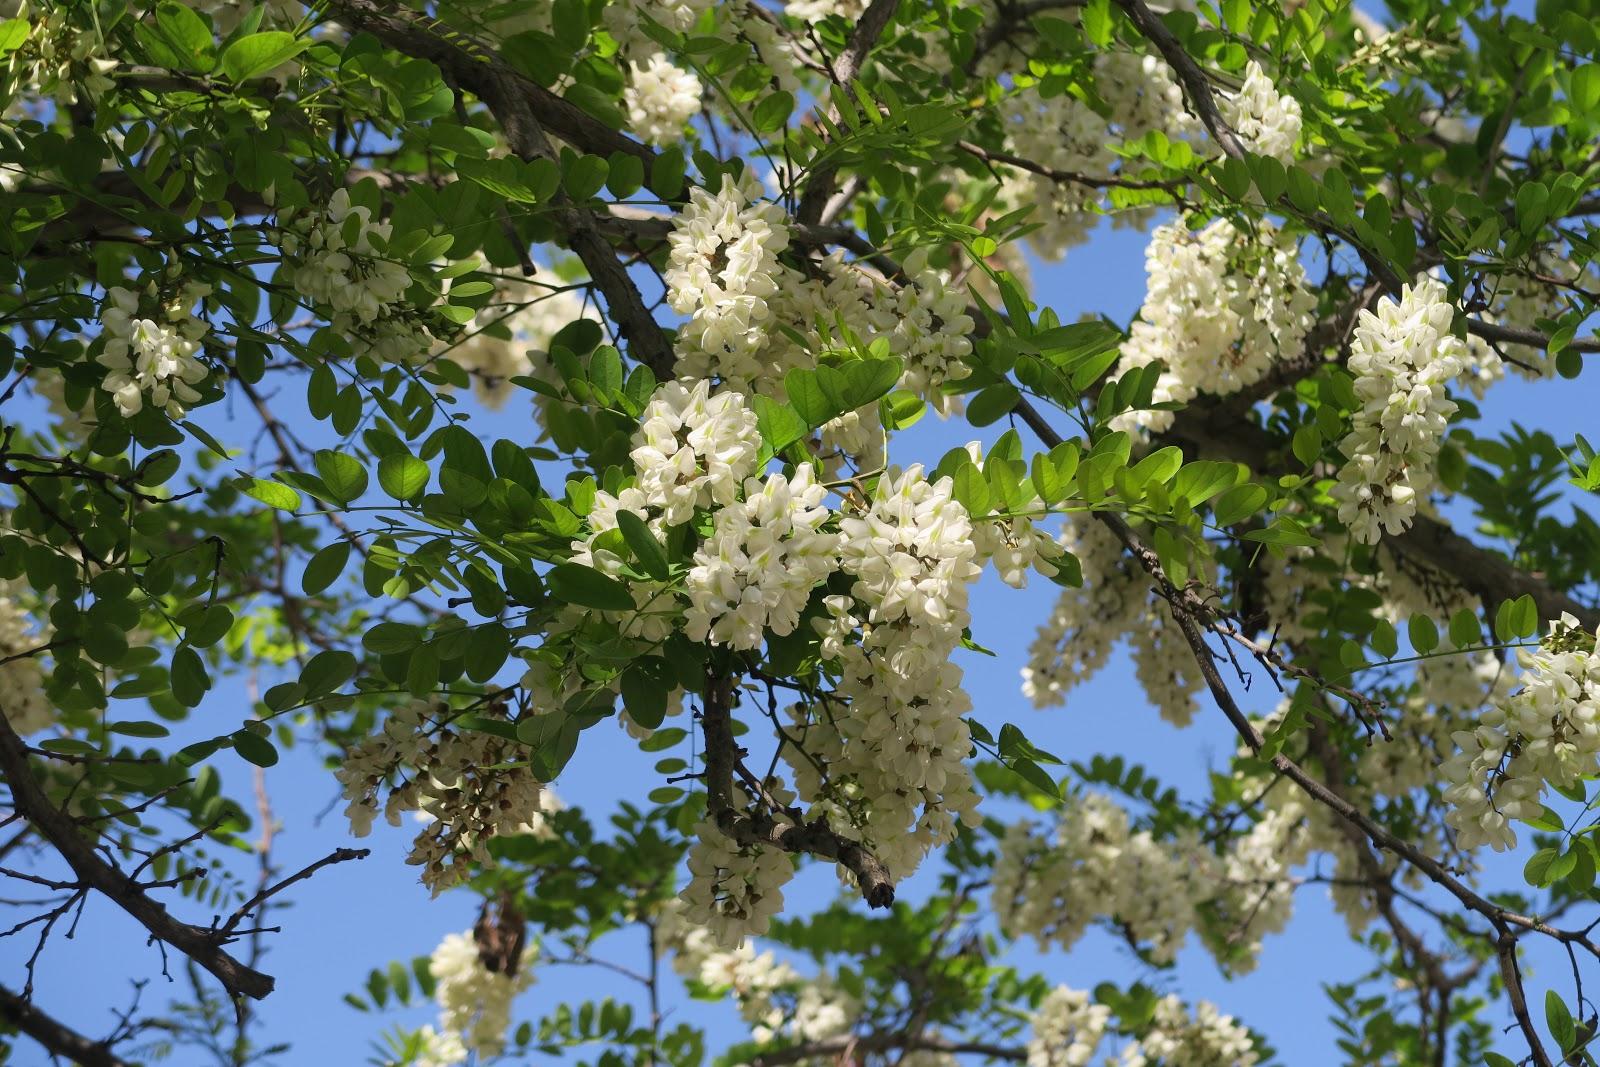 Cagliari in verde i grappoli bianchi della robinia for Pianta ornamentale con fiori a grappolo profumatissimi